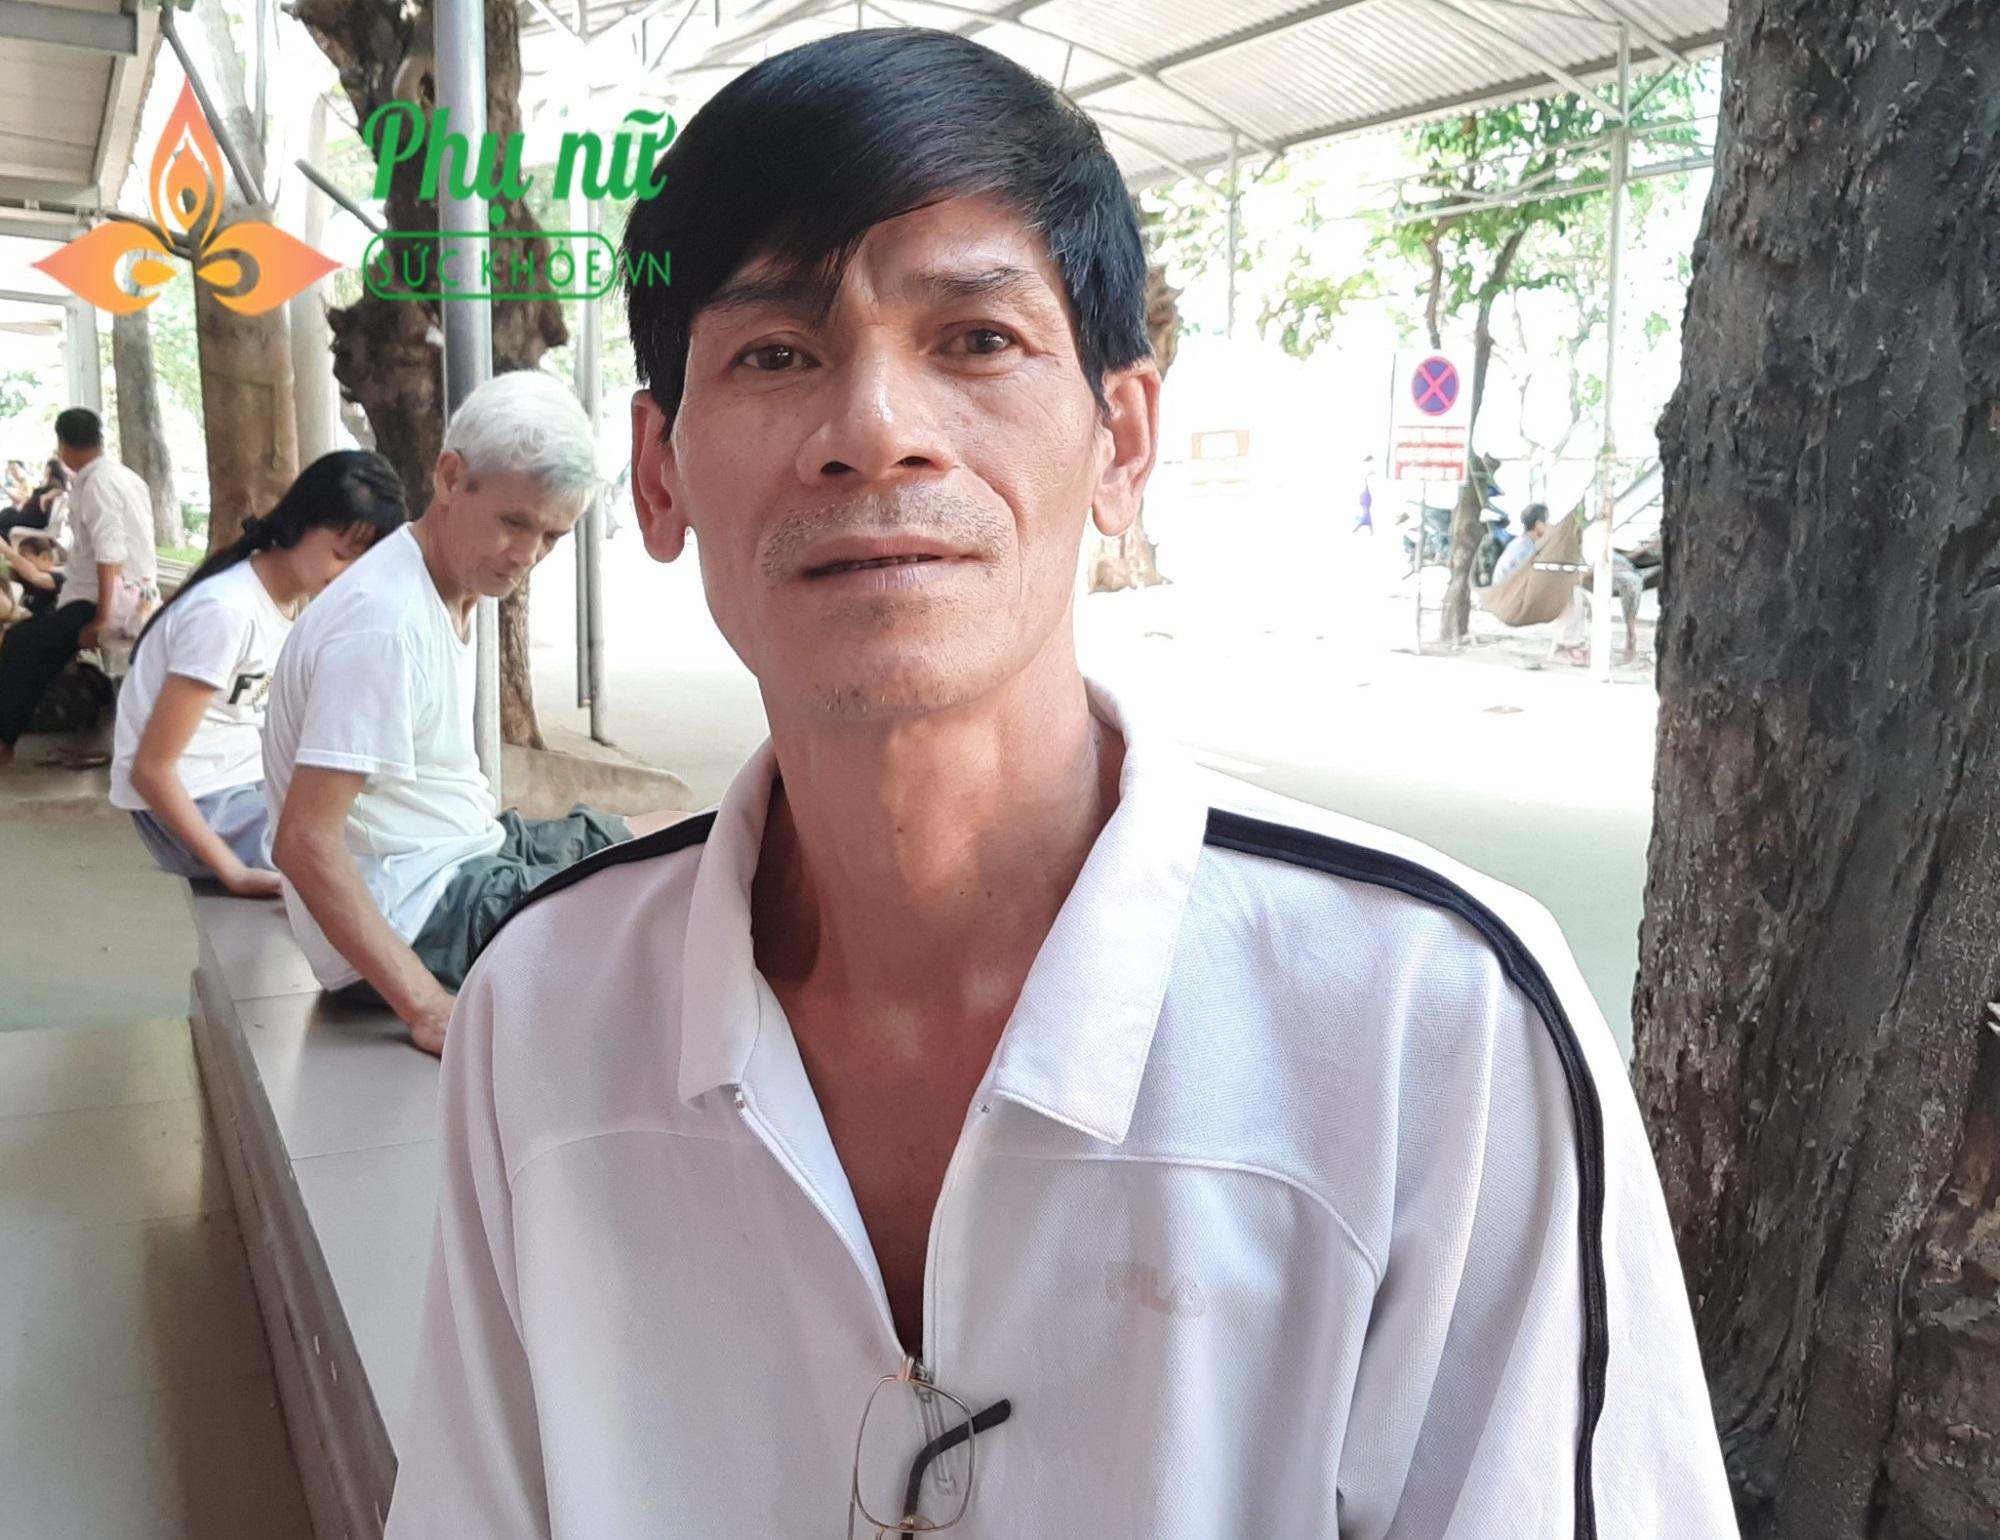 Người đàn ông đi làm thợ hồ bị xuất huyết não, tính mạng nguy kịch, mẹ già 82 tuổi khóc nghẹn - Ảnh 3